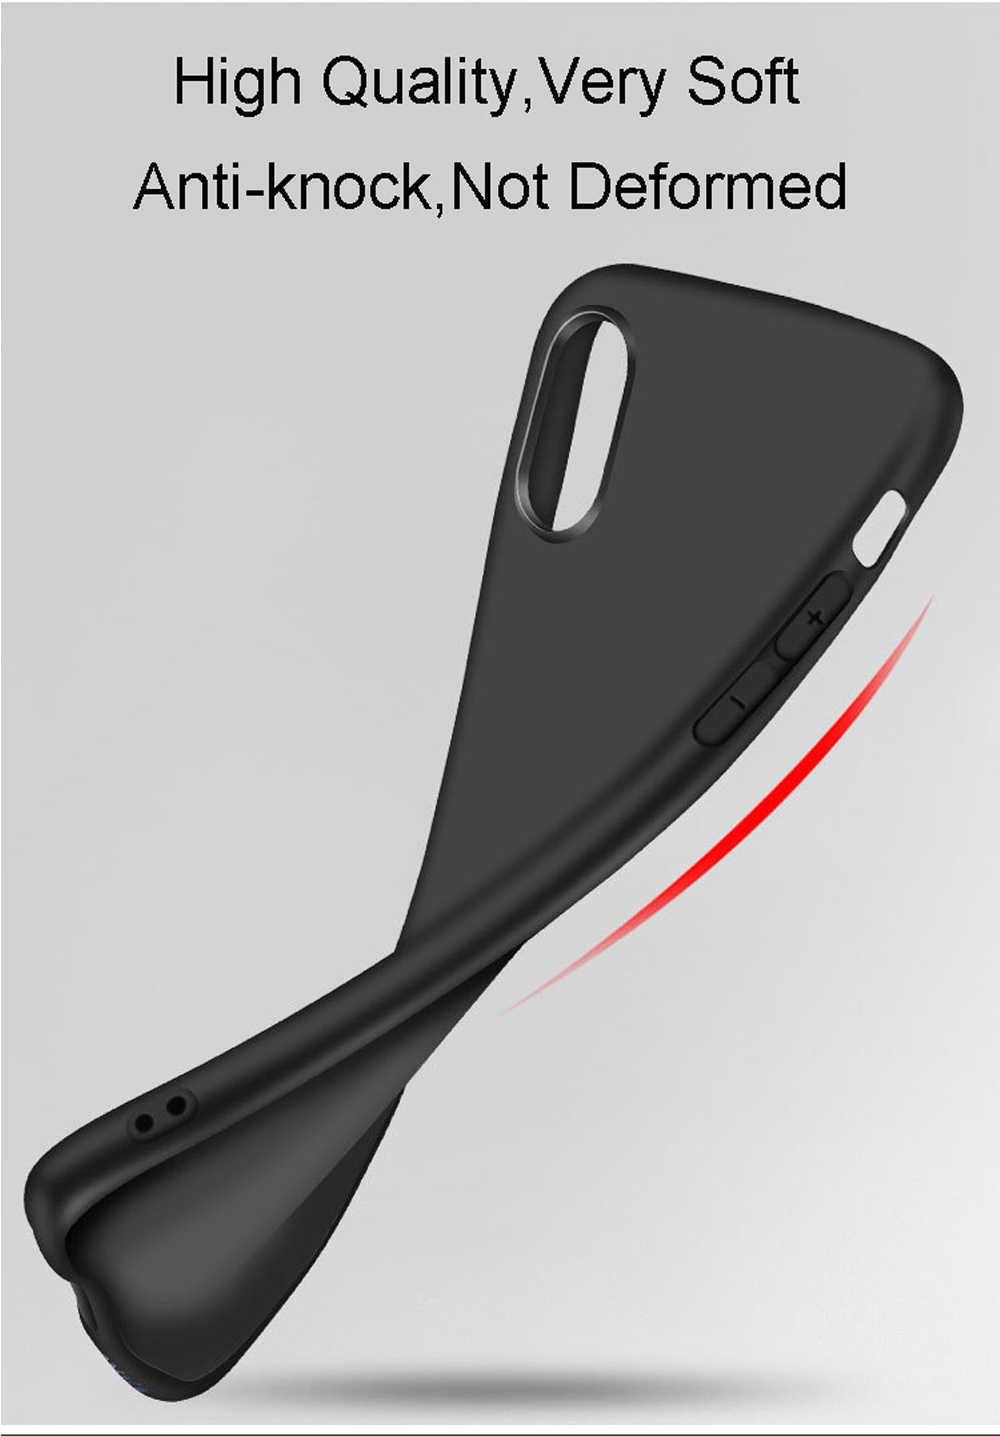 アートピクセル美的インディーオタクシリコーン電話ケース iphone 5 5s 、 se 2020 6 6s 7 8 プラス x xr xs 11 プロマックス